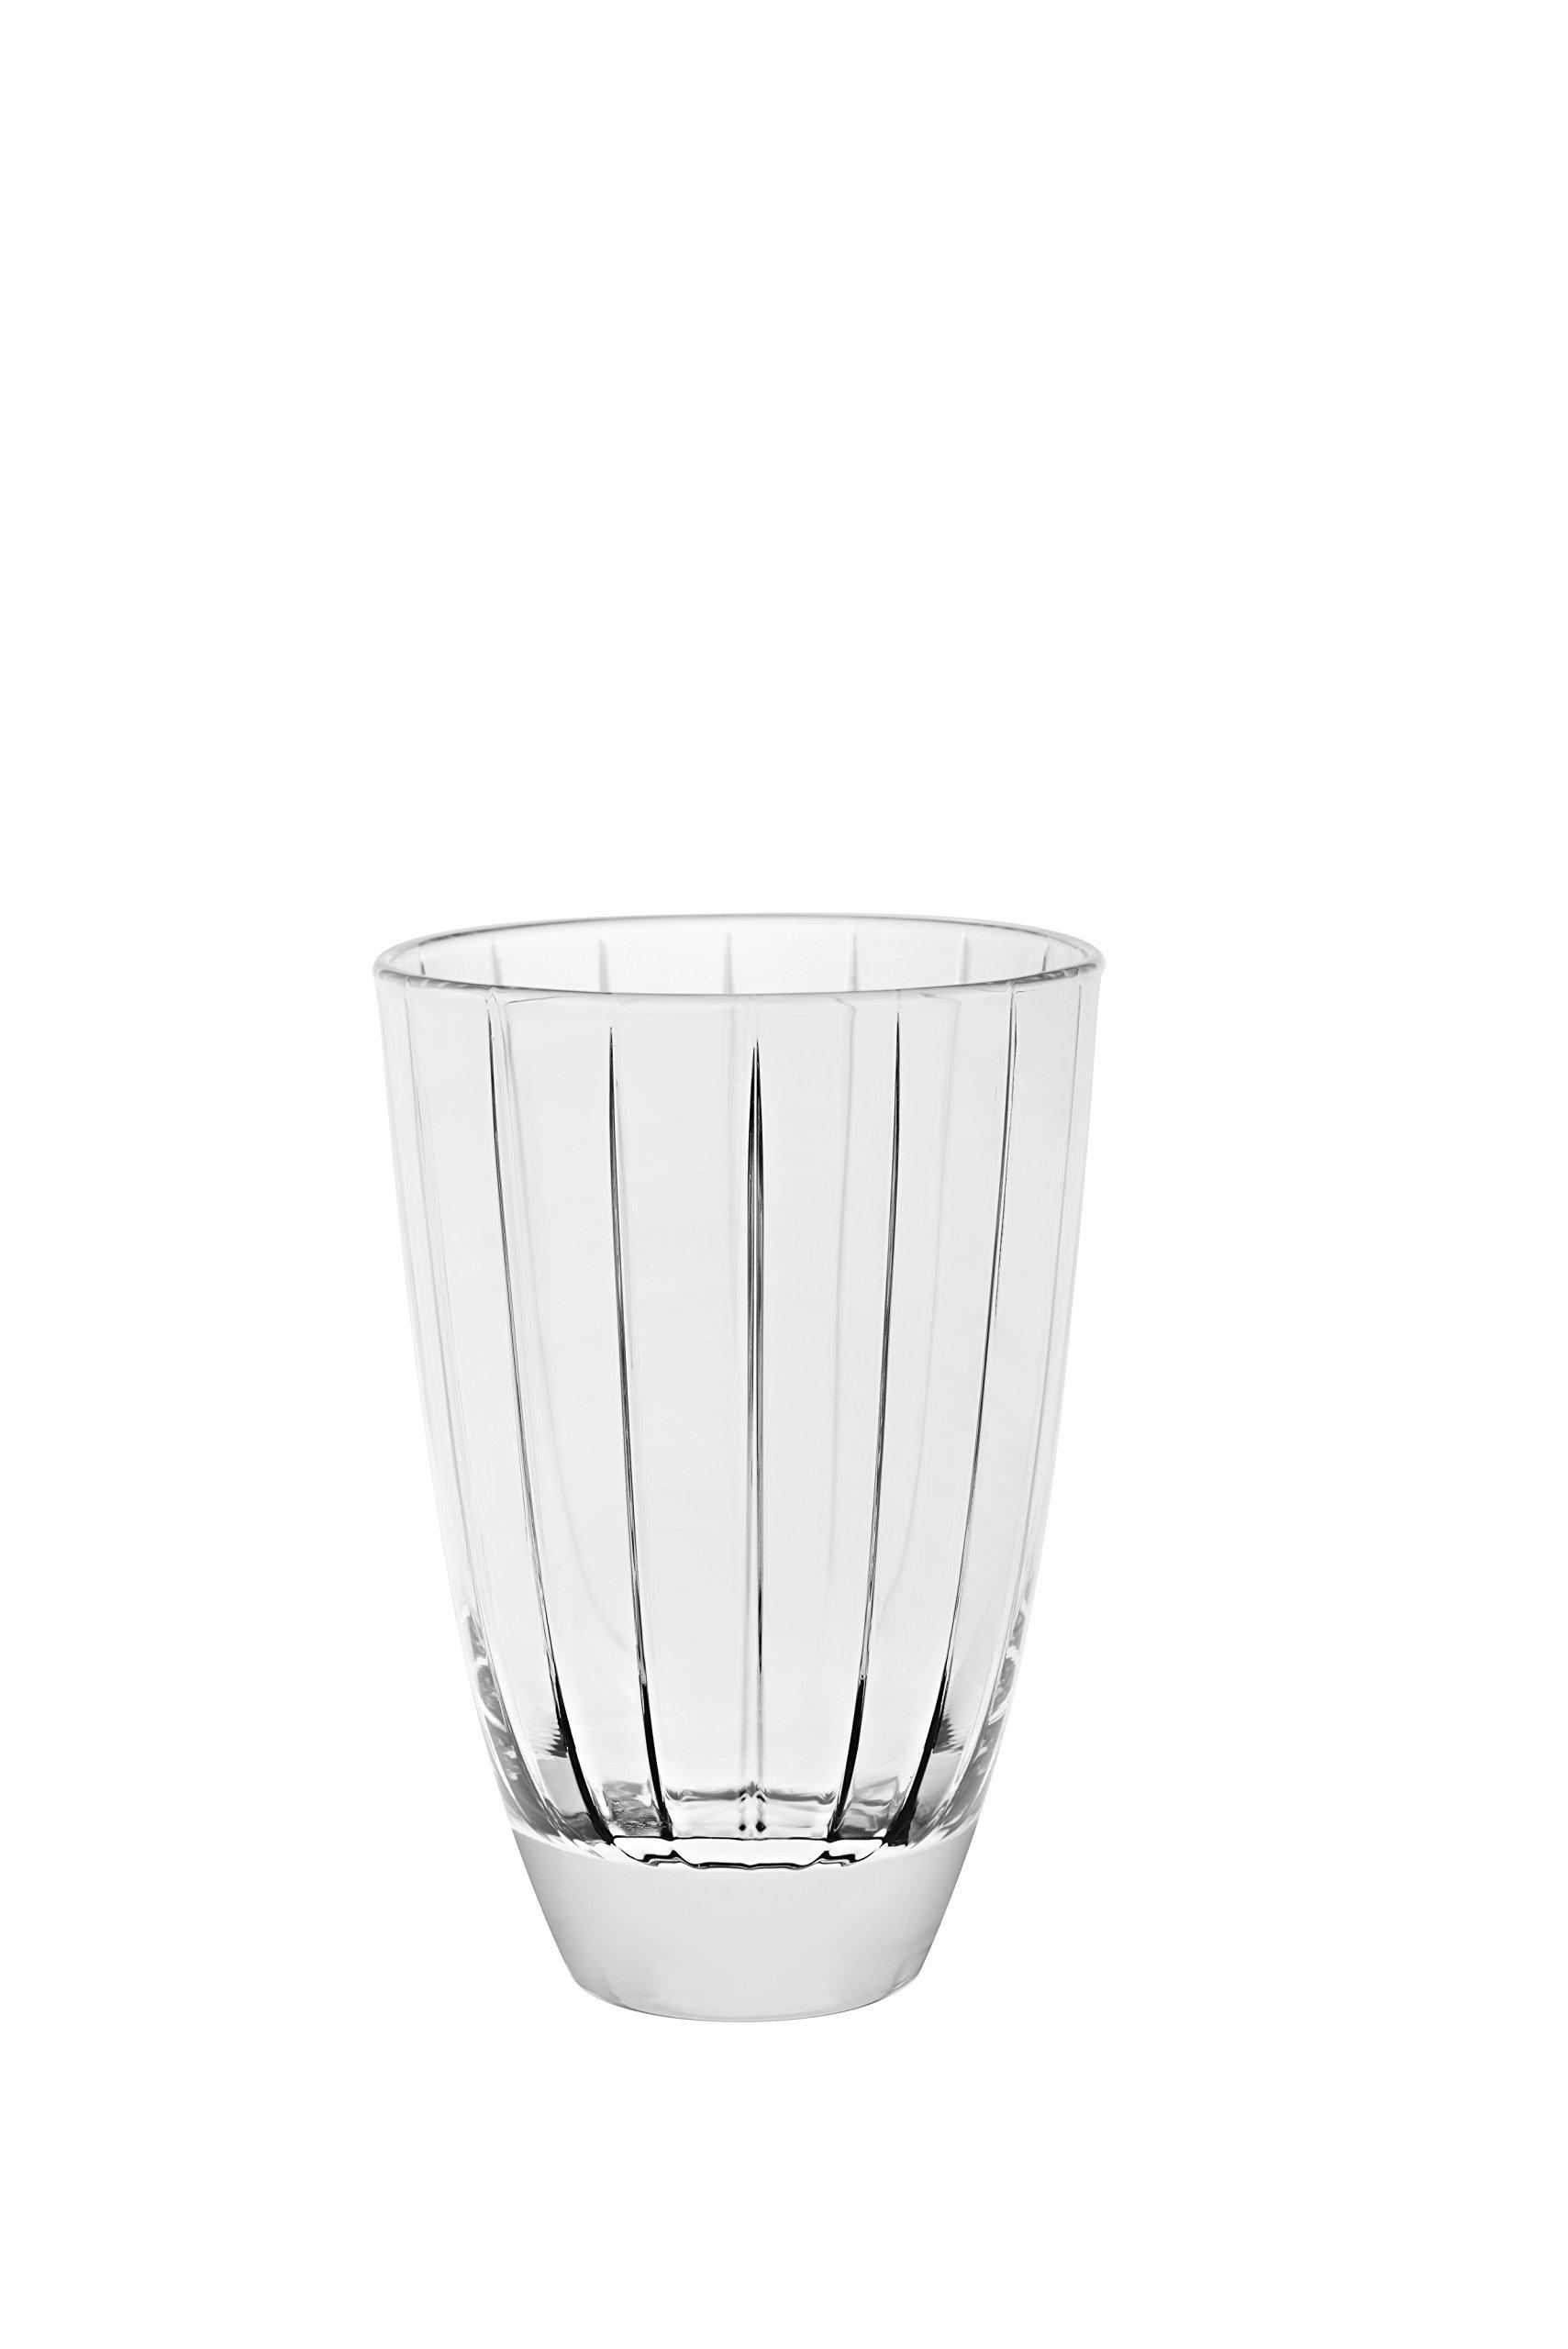 Barski - European Glass - Hiball Tumbler - Artistically Designed - 16.5 oz. - Set of 6 Highball Glasses - Made in Europe